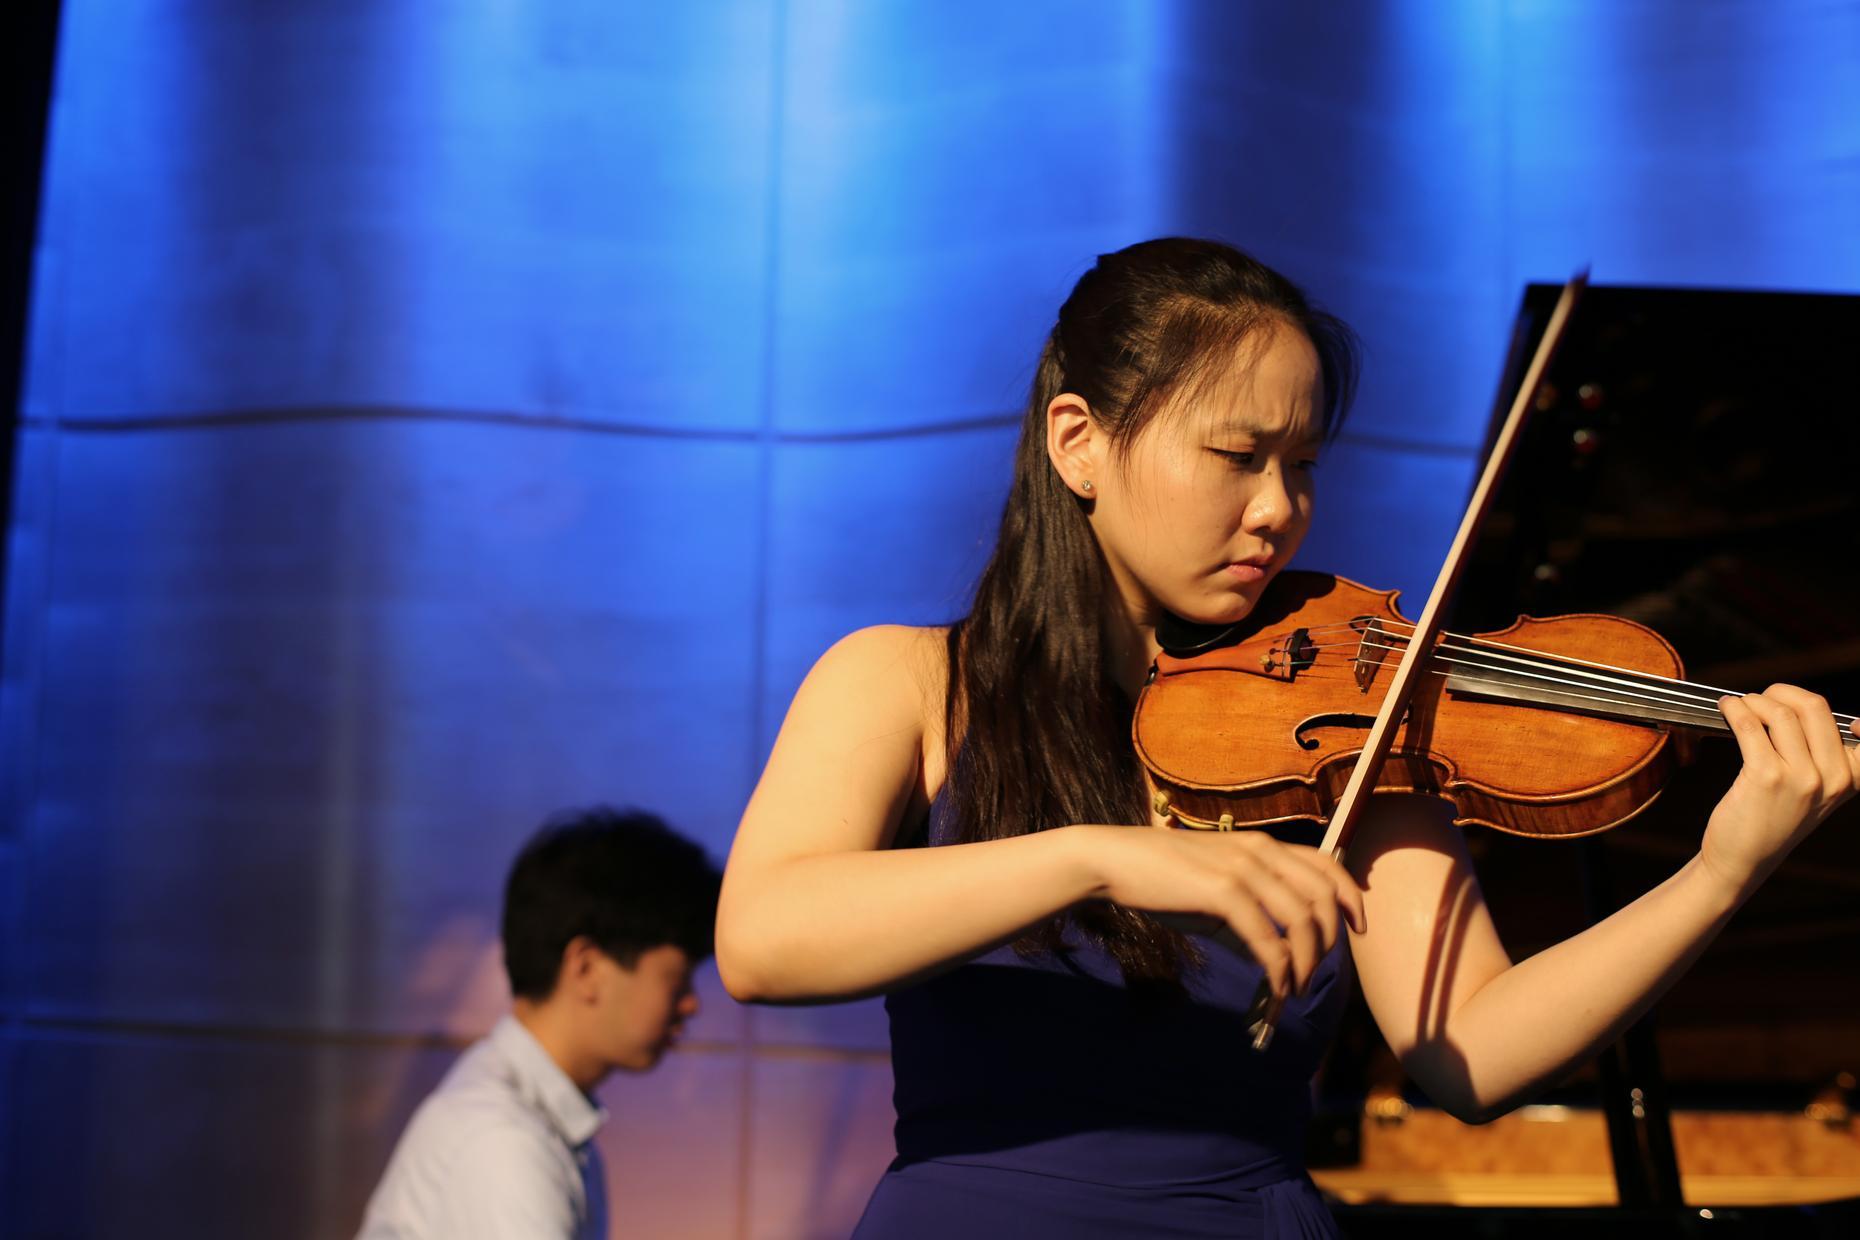 WQXR Presents Midday Masterpieces: Violinist Stella Chen